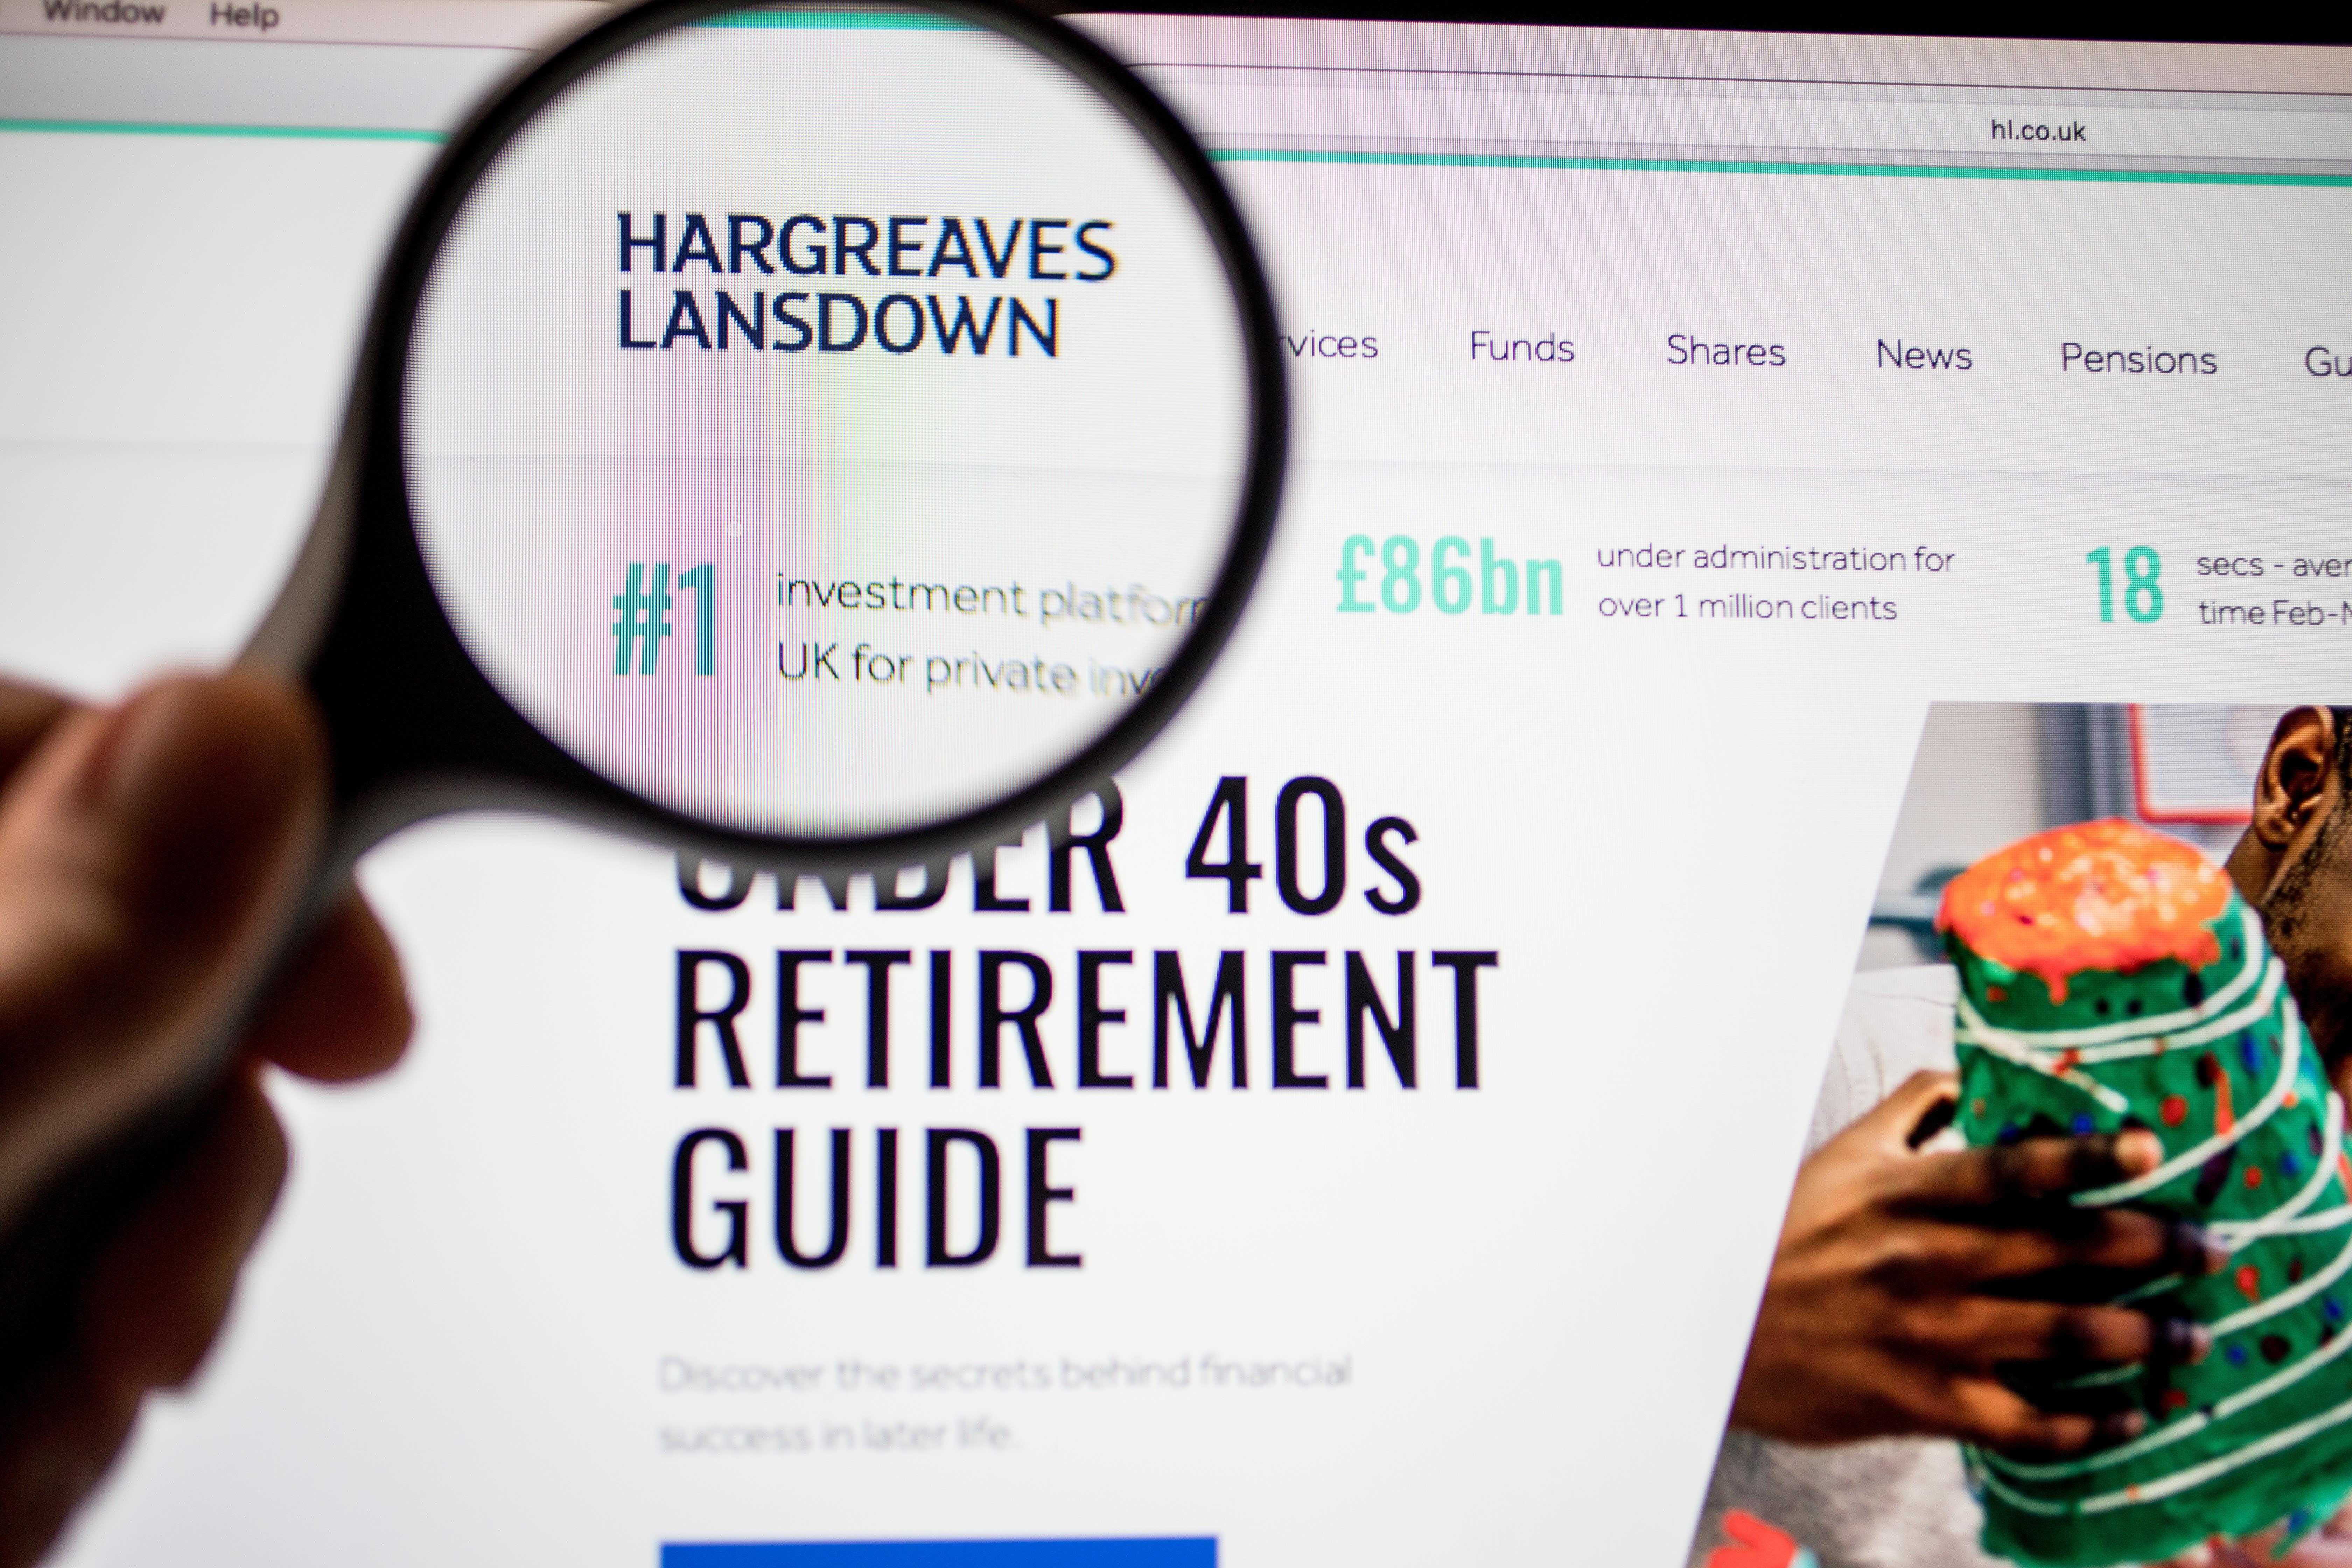 HL claims funds deliver 'value' despite poor performance